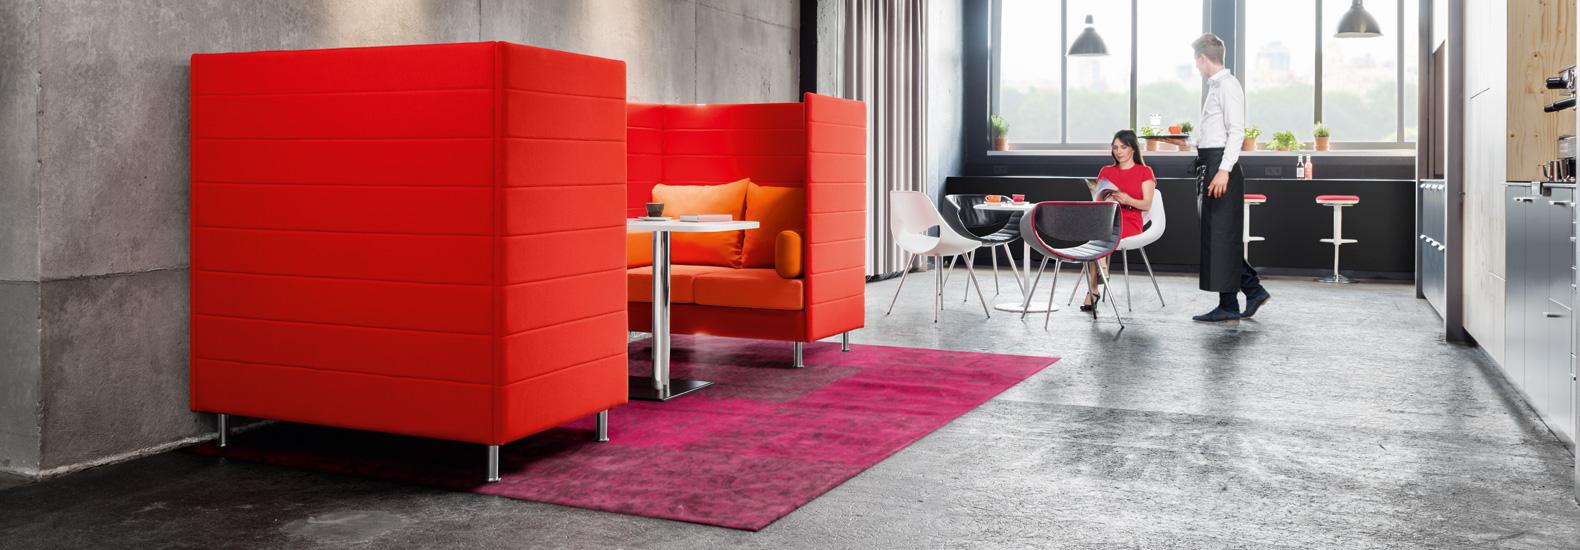 Dauphin Atelier bei office + objekt 42. Dauphin bietet Lösungen für jeden Arbeitsplatz und jede Organisationsform - mit  flexiblen, individuell gestaltbaren Zonen für die Tätigkeiten, die den modernen Arbeitsalltag prägen.